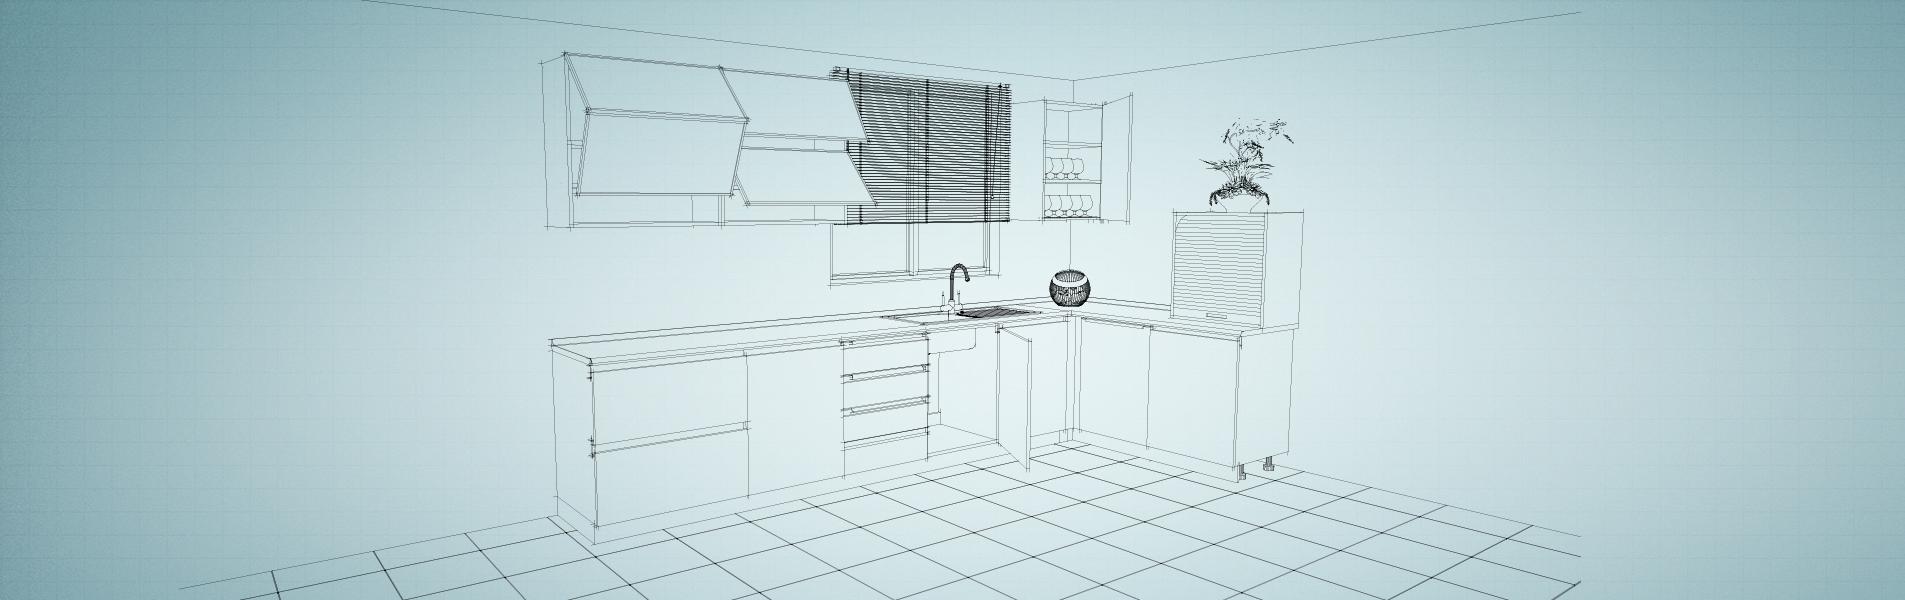 mutfak ray kapak